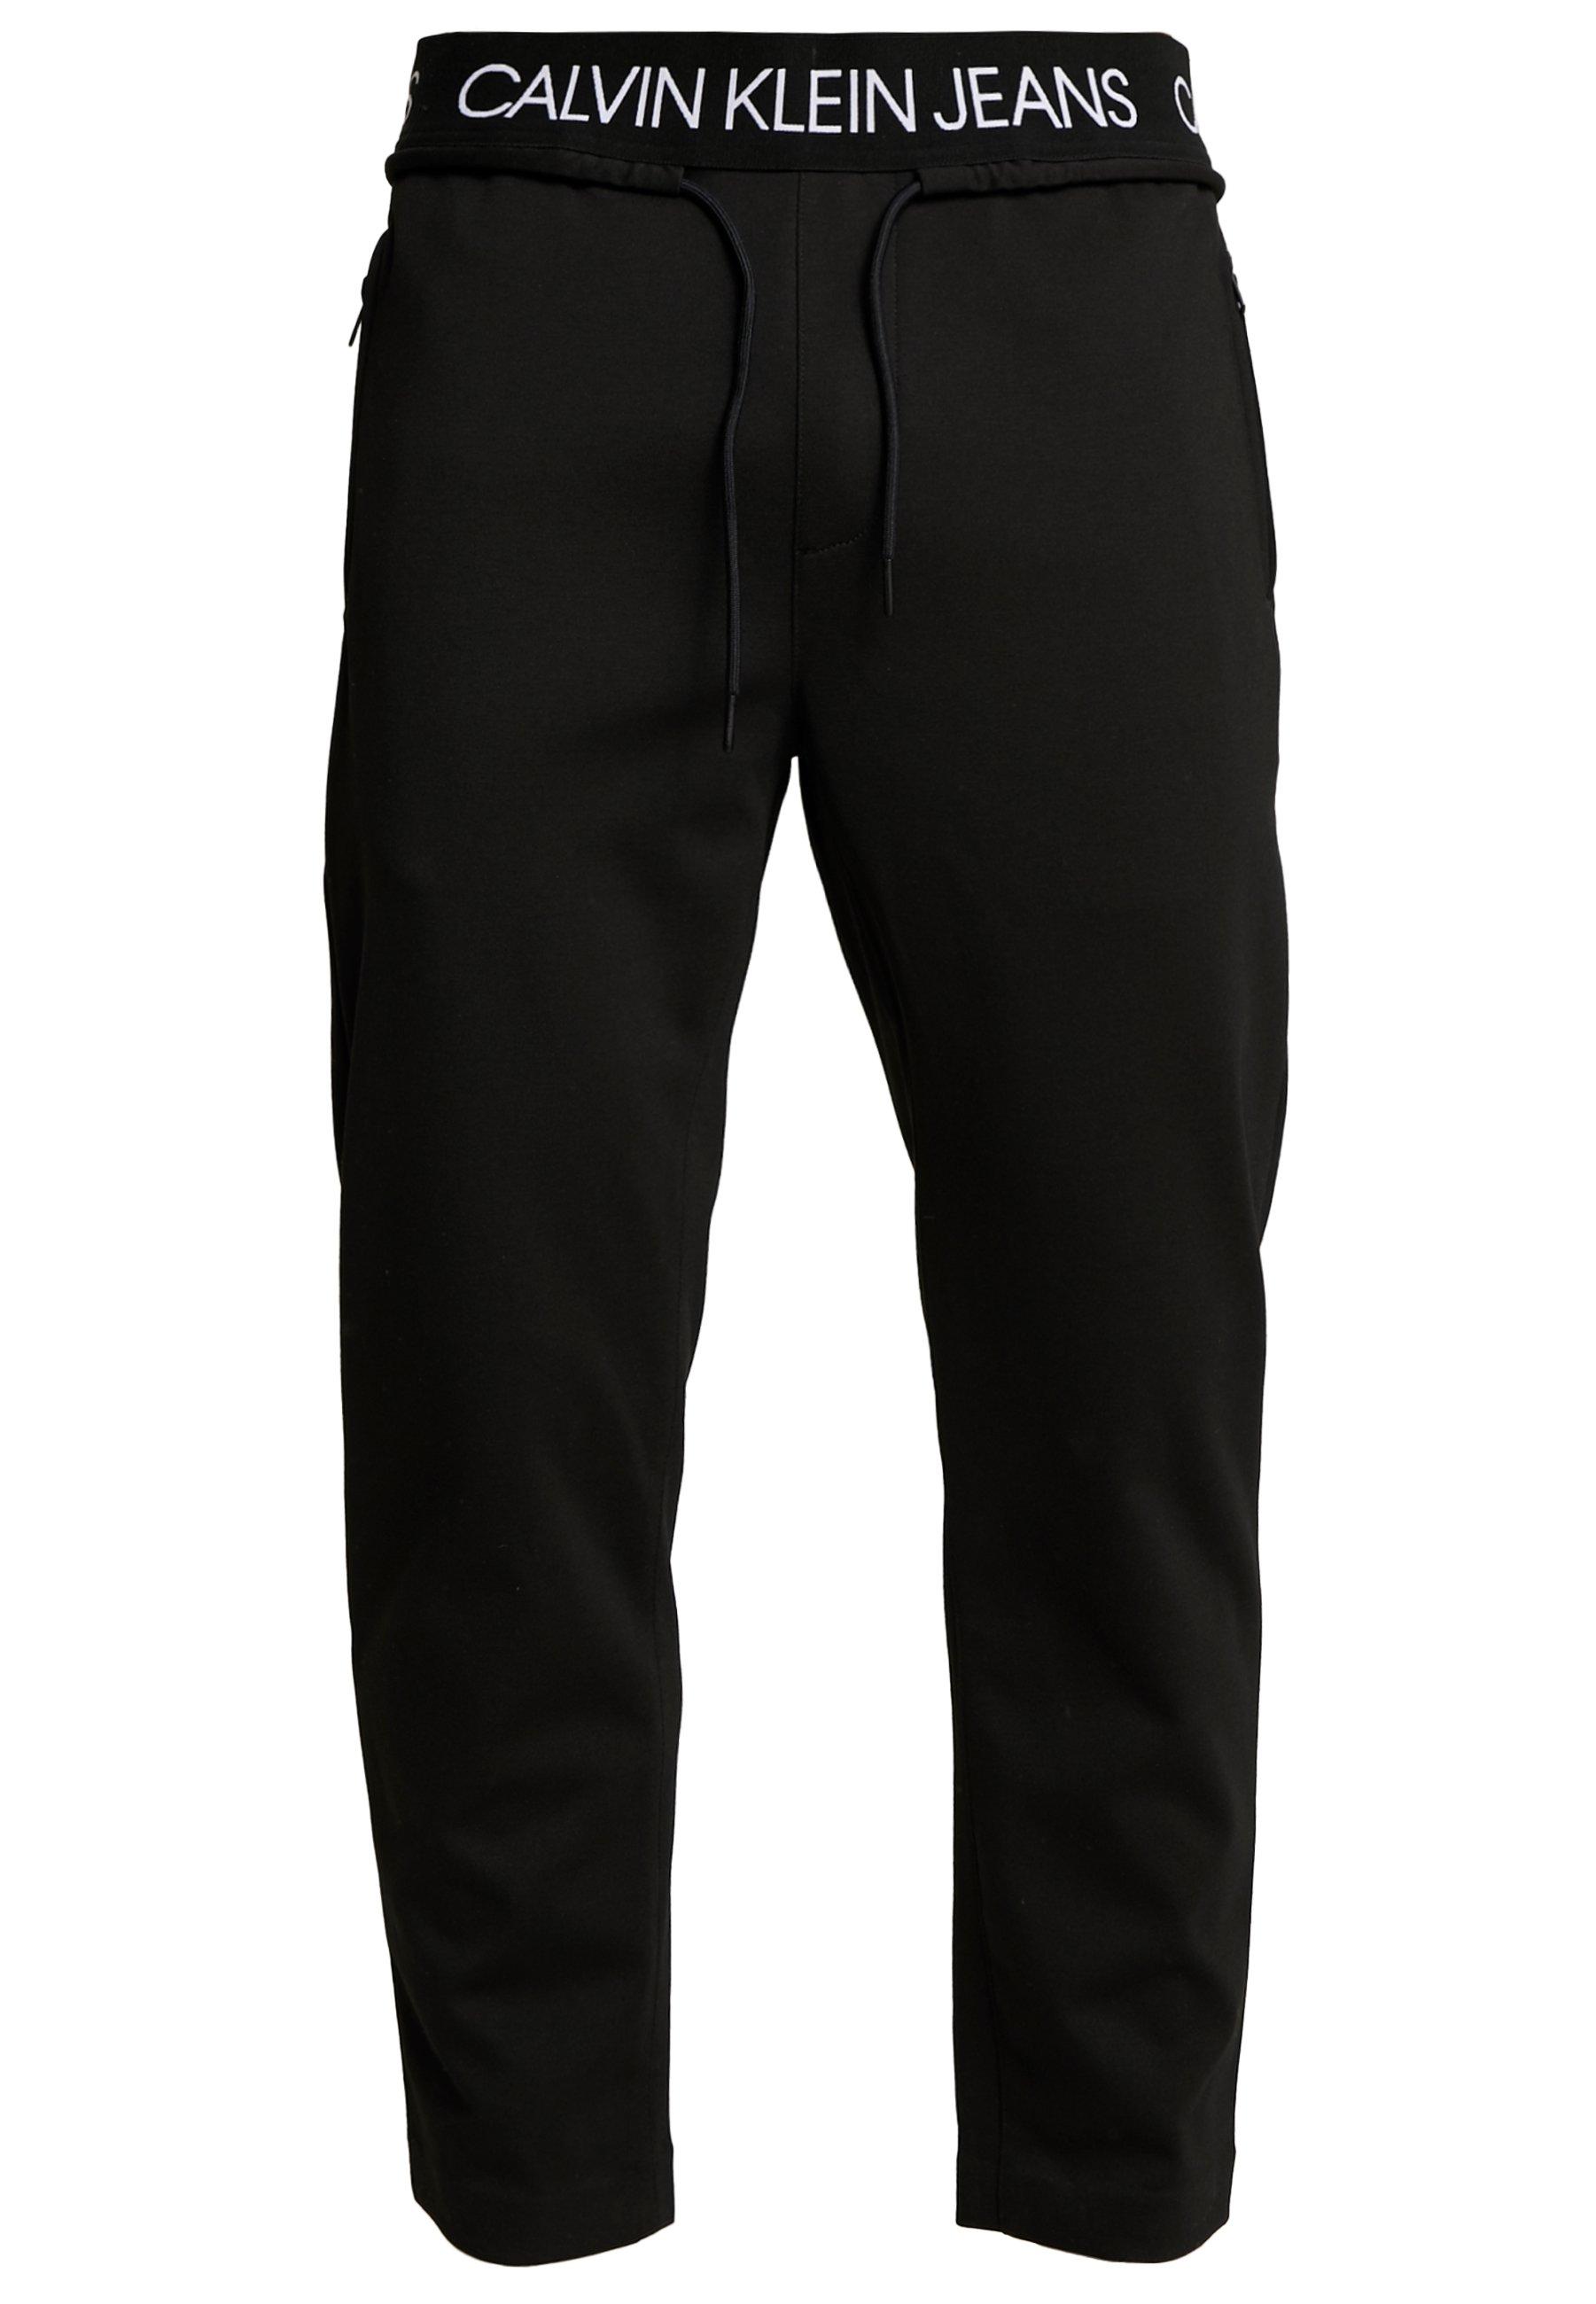 Calvin Klein Jeans EXPOSED WAISTBAND MILANO PANT - Pantalon de survêtement - black